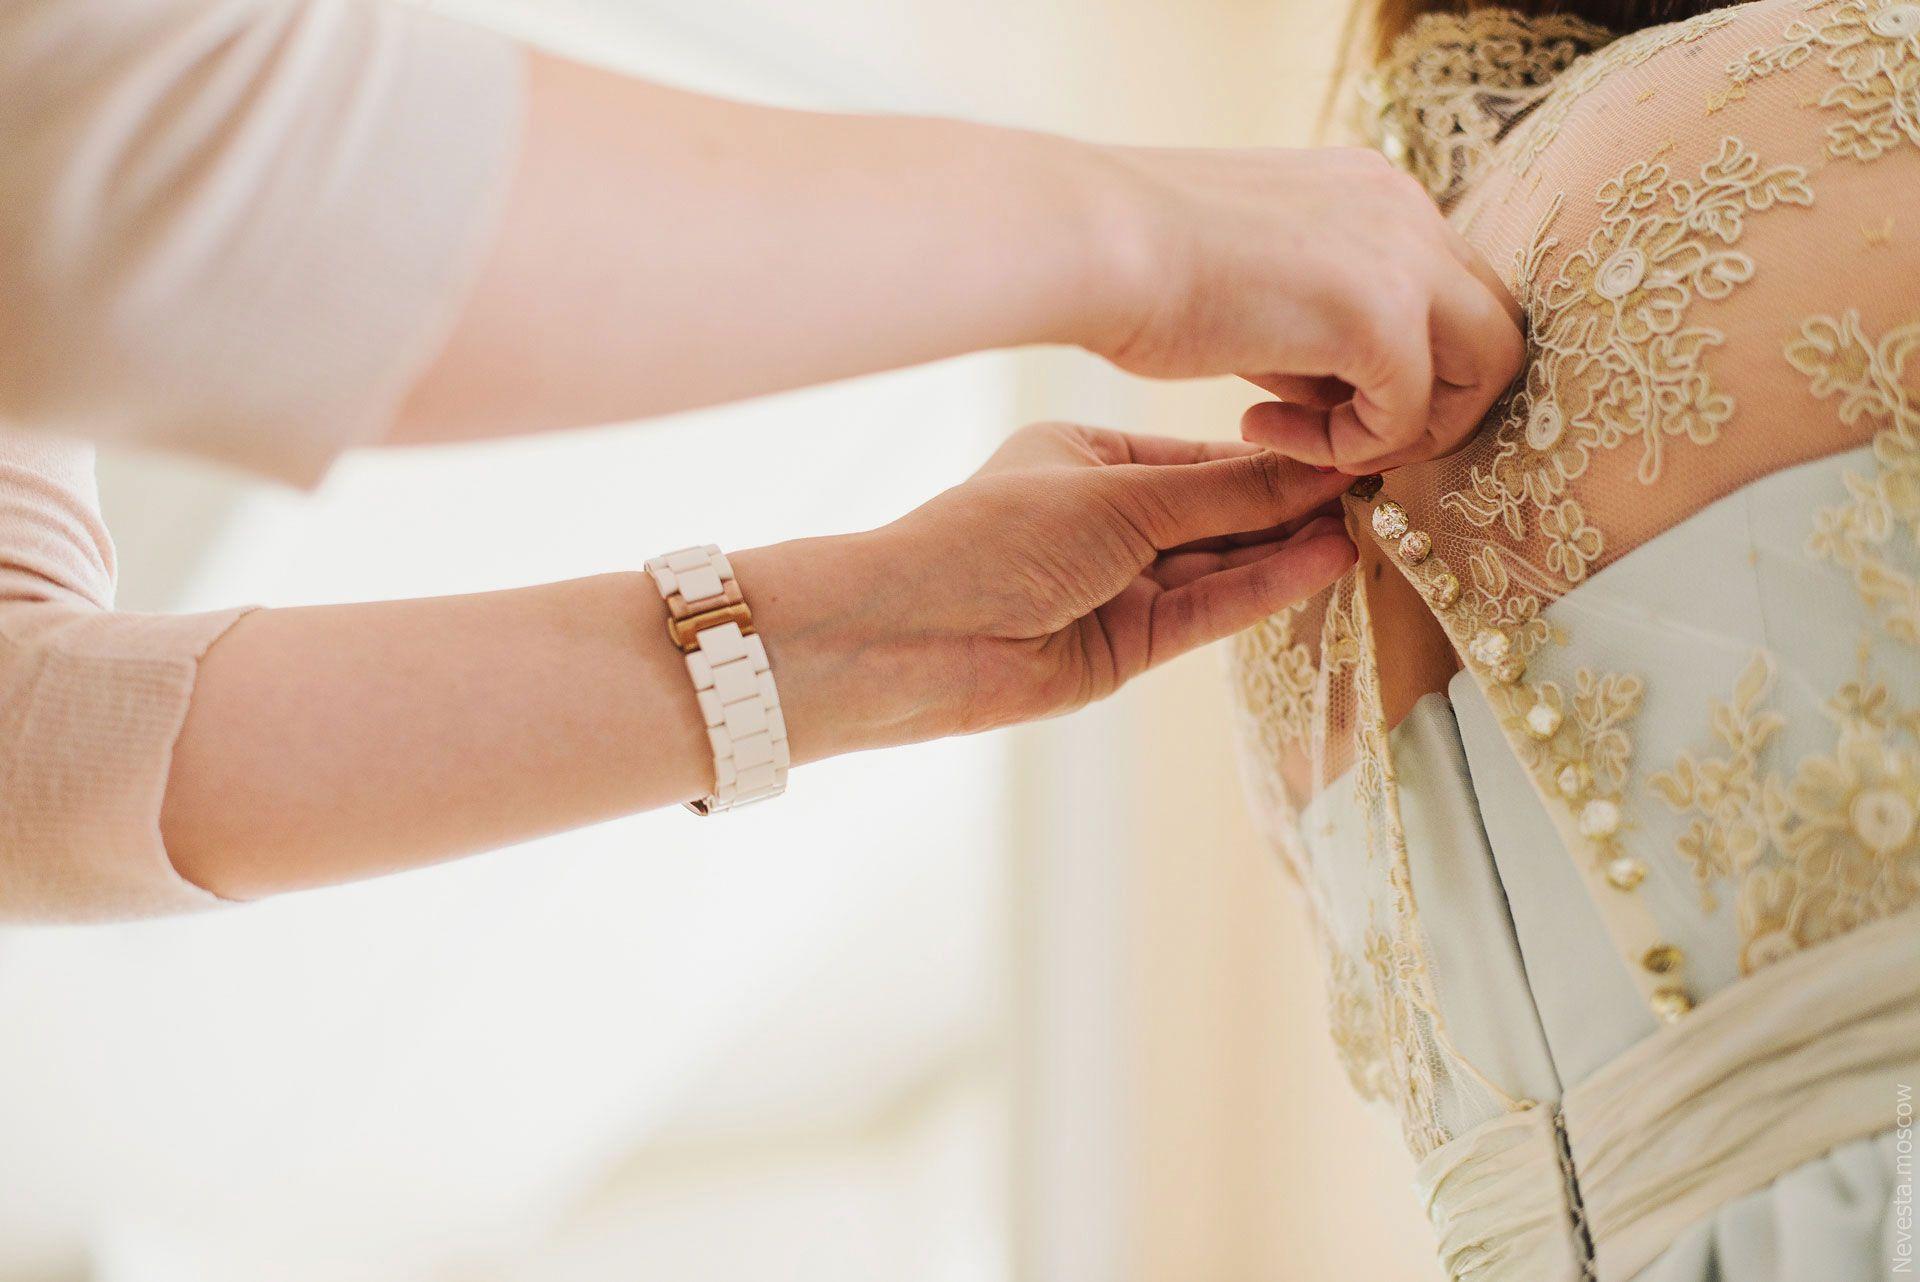 Анастасия Денисова примеряет свадебное платье фото 13